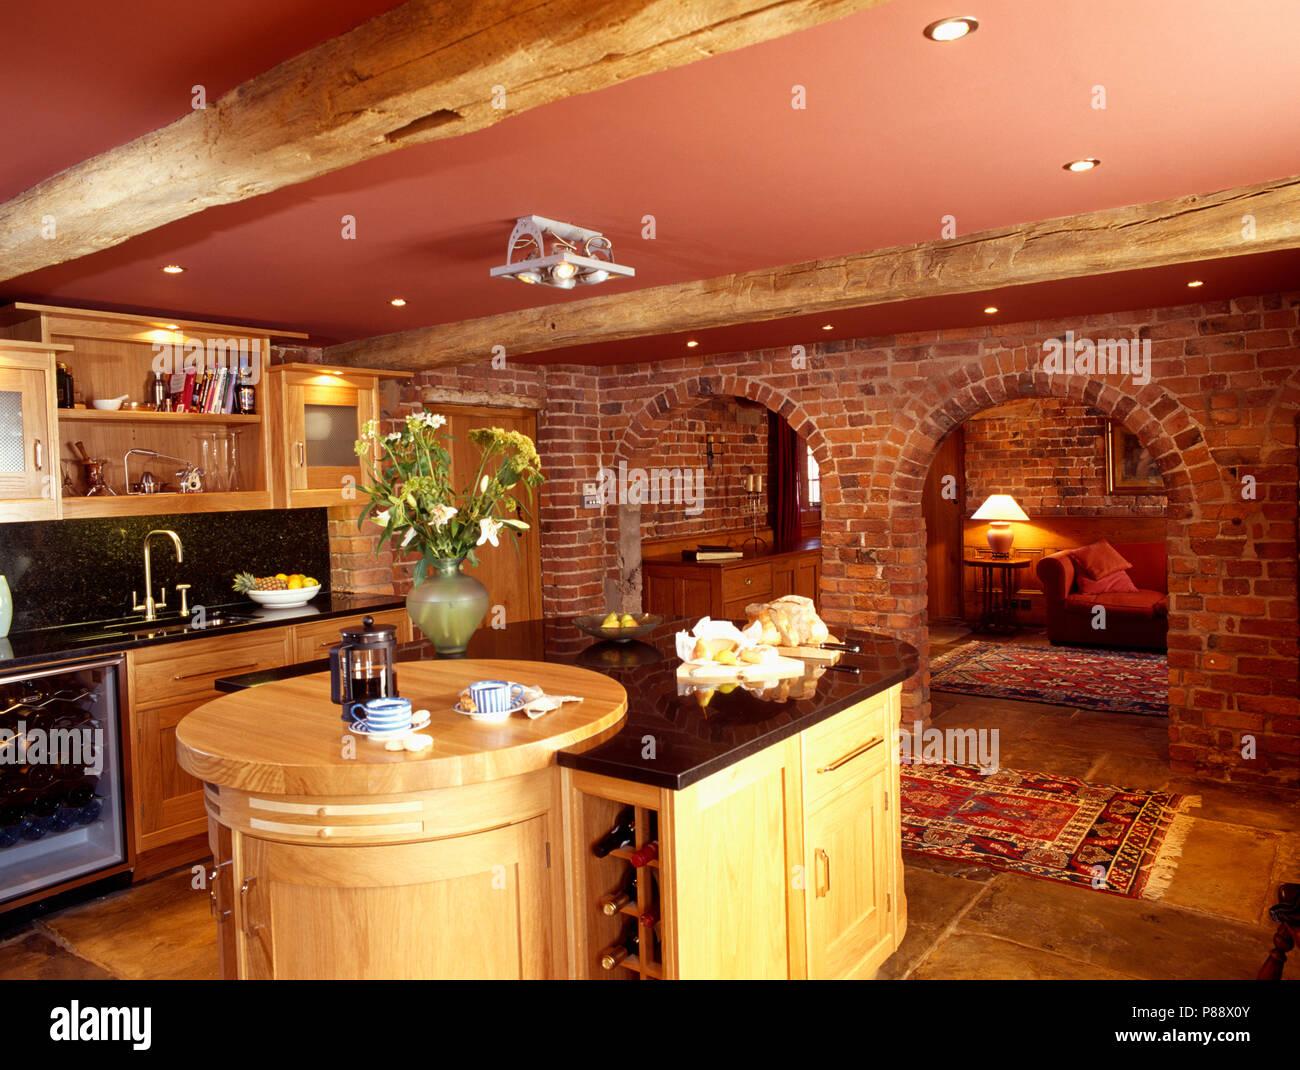 Isola in unità di conversione del granaio cucina con portali ...